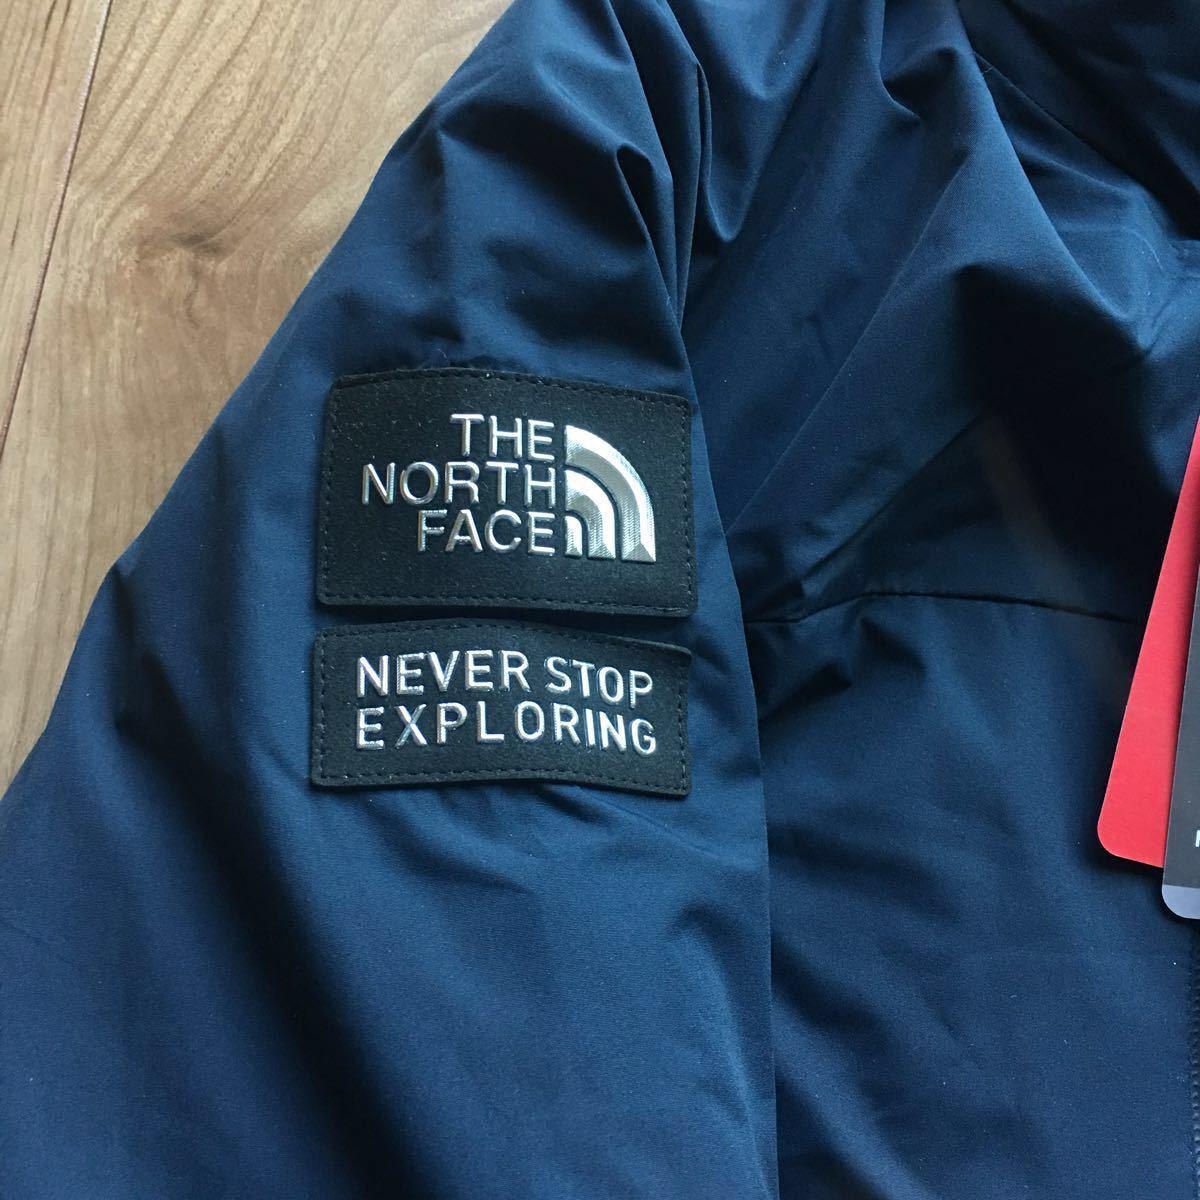 THE NORTH FACE ザノースフェイス ダウンジャケット